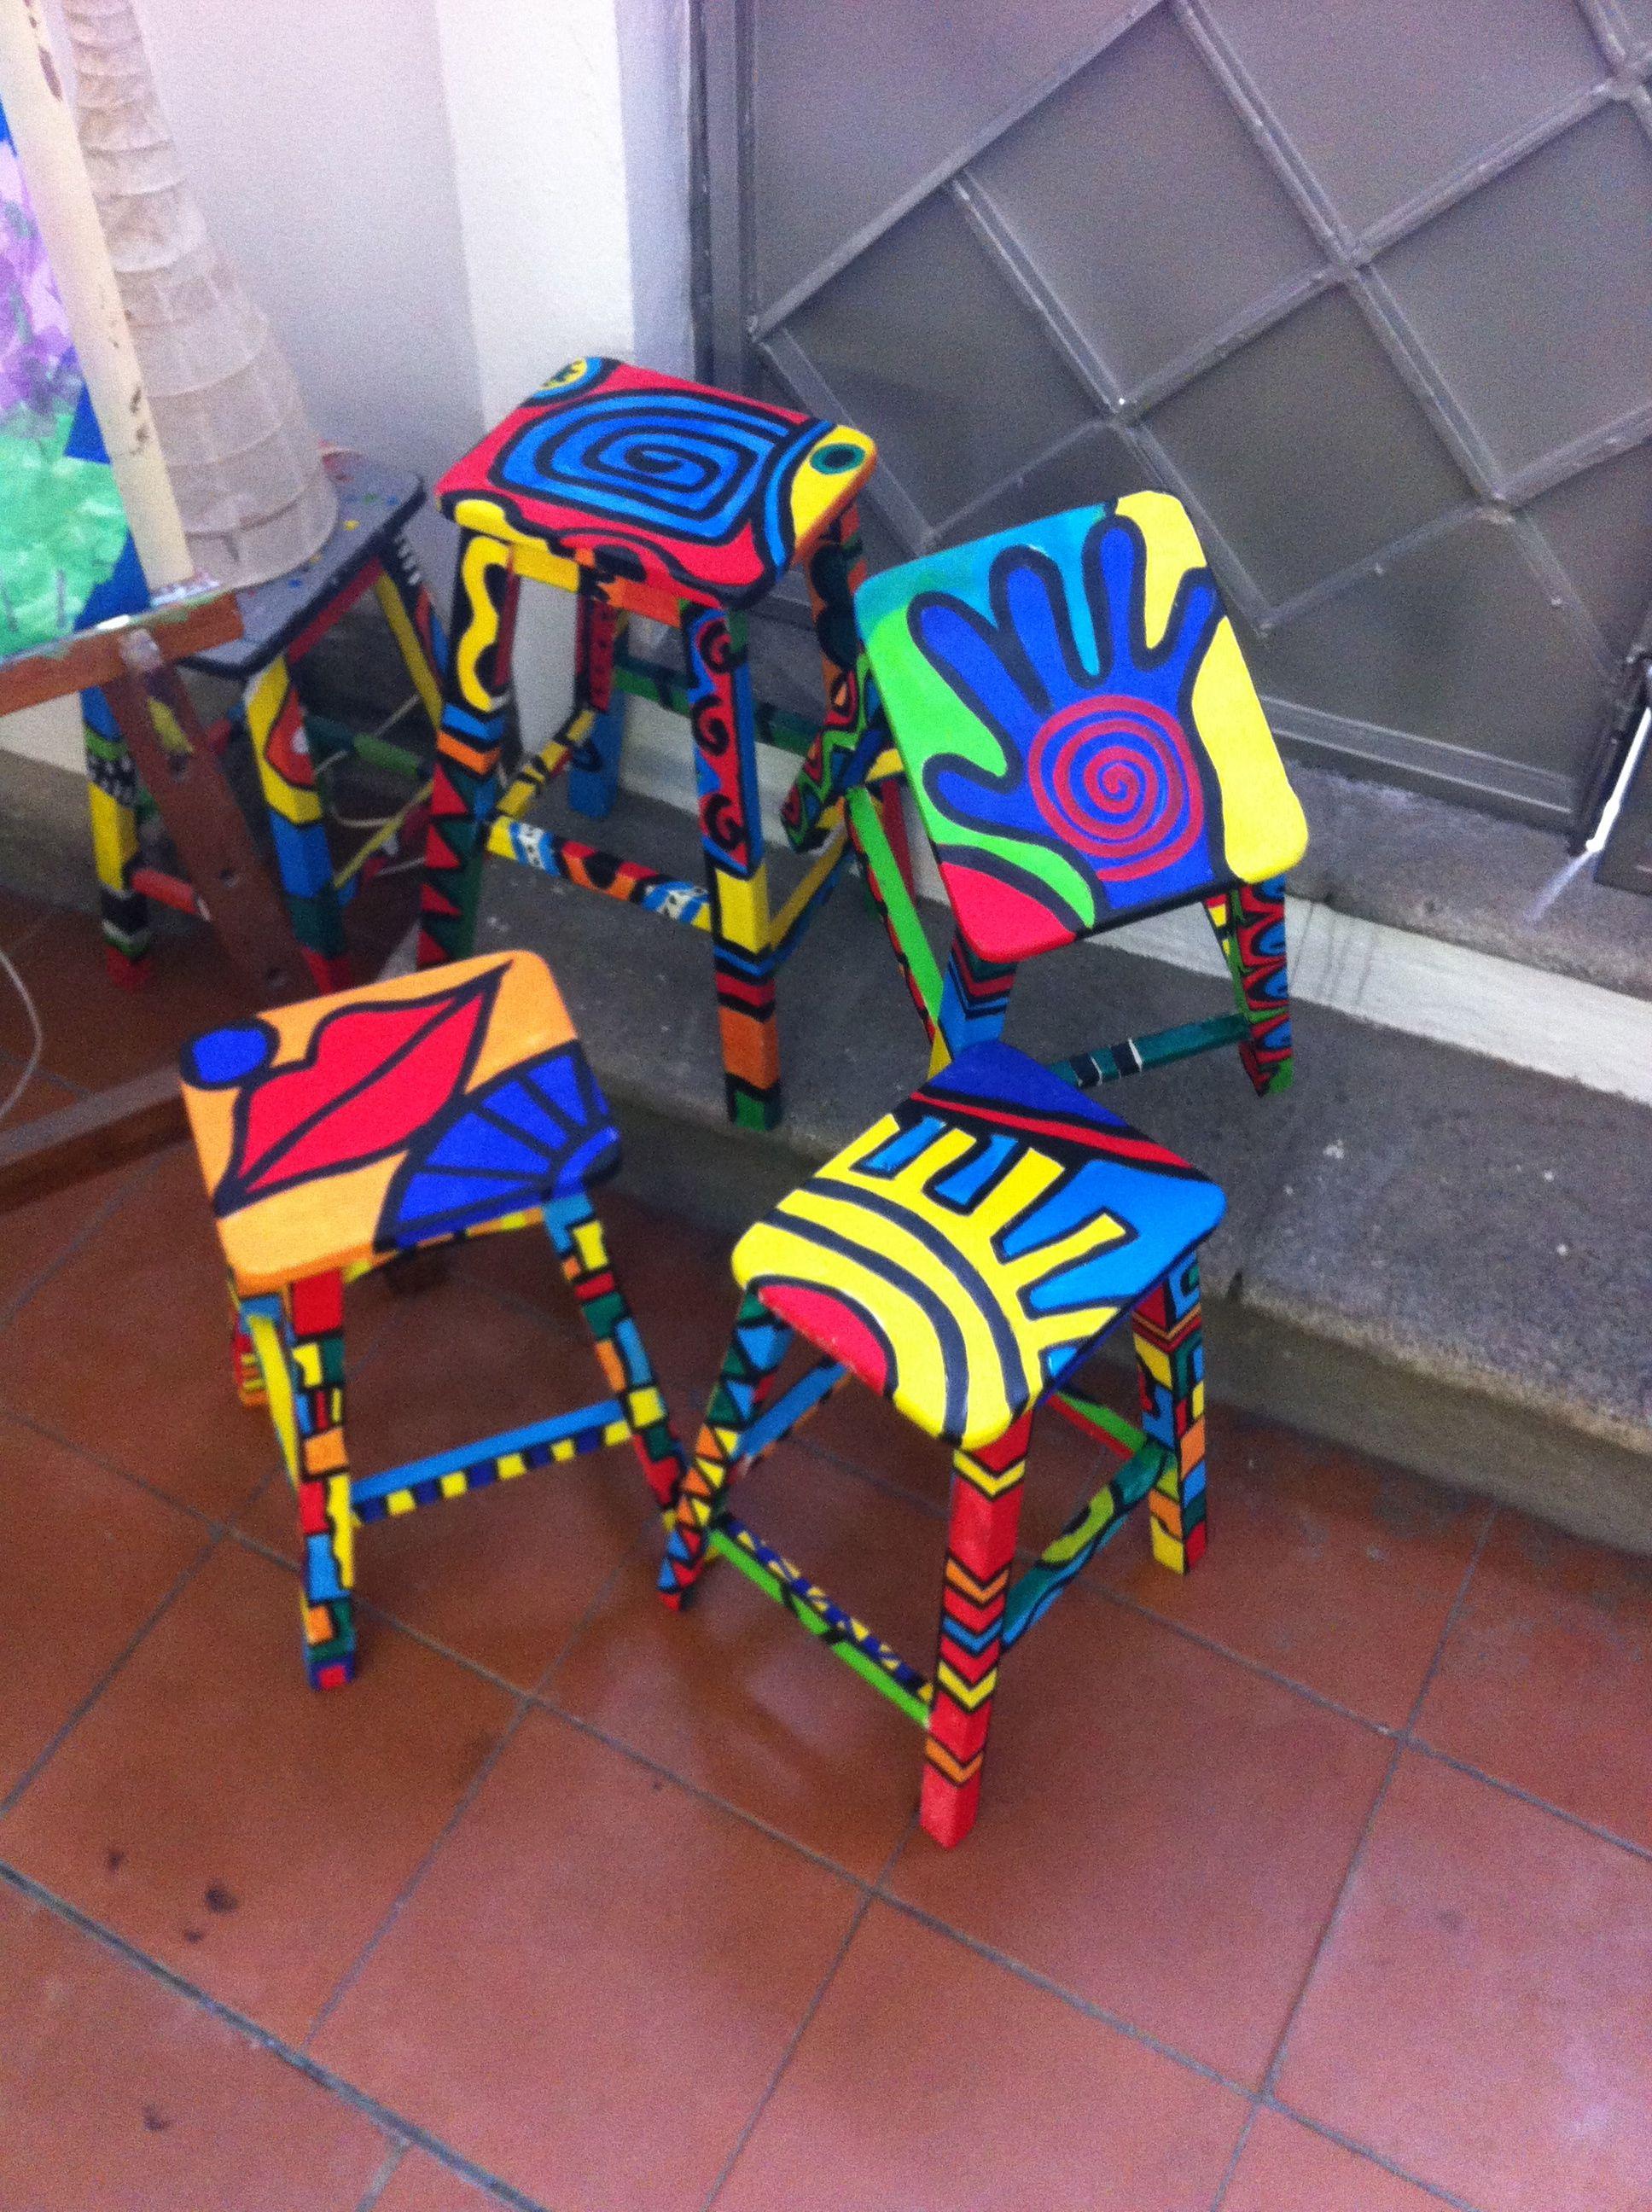 Taburetes pintados a mano roc opozo muebles pintados pinterest taburetes pintados pintar - Taburete ninos ...